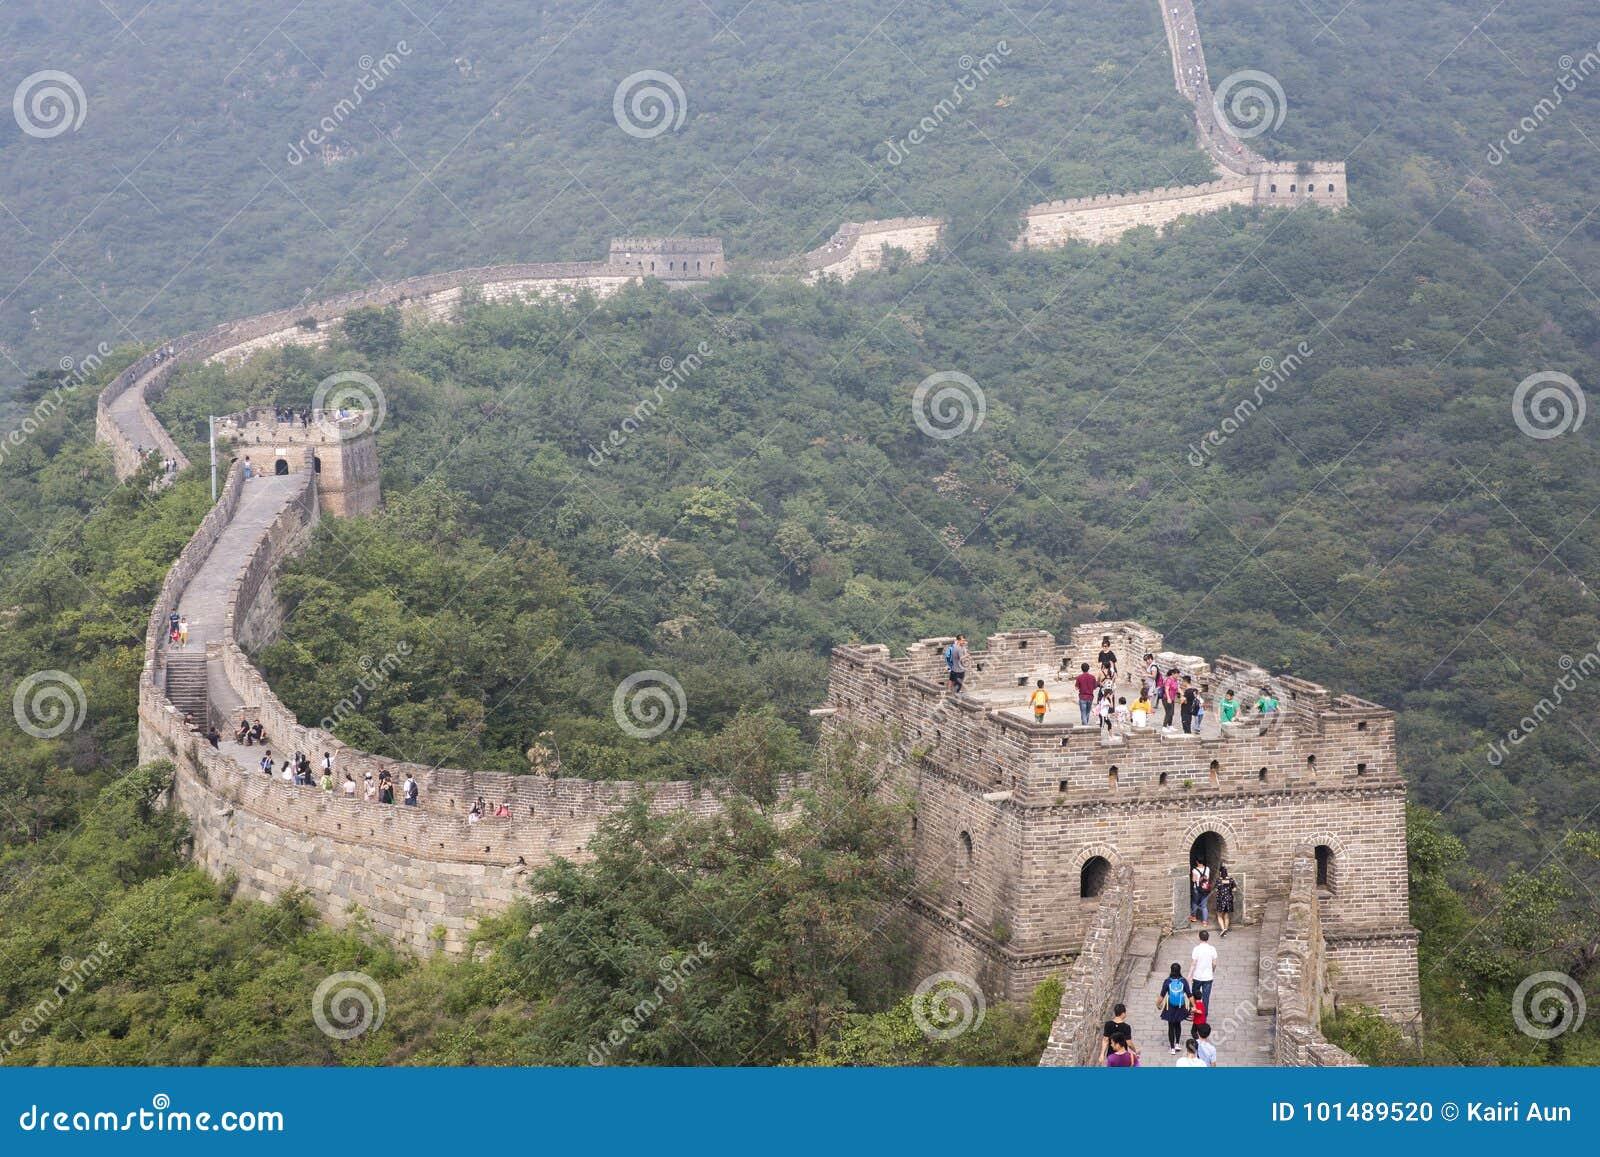 Grote muur van China in een ochtendmist